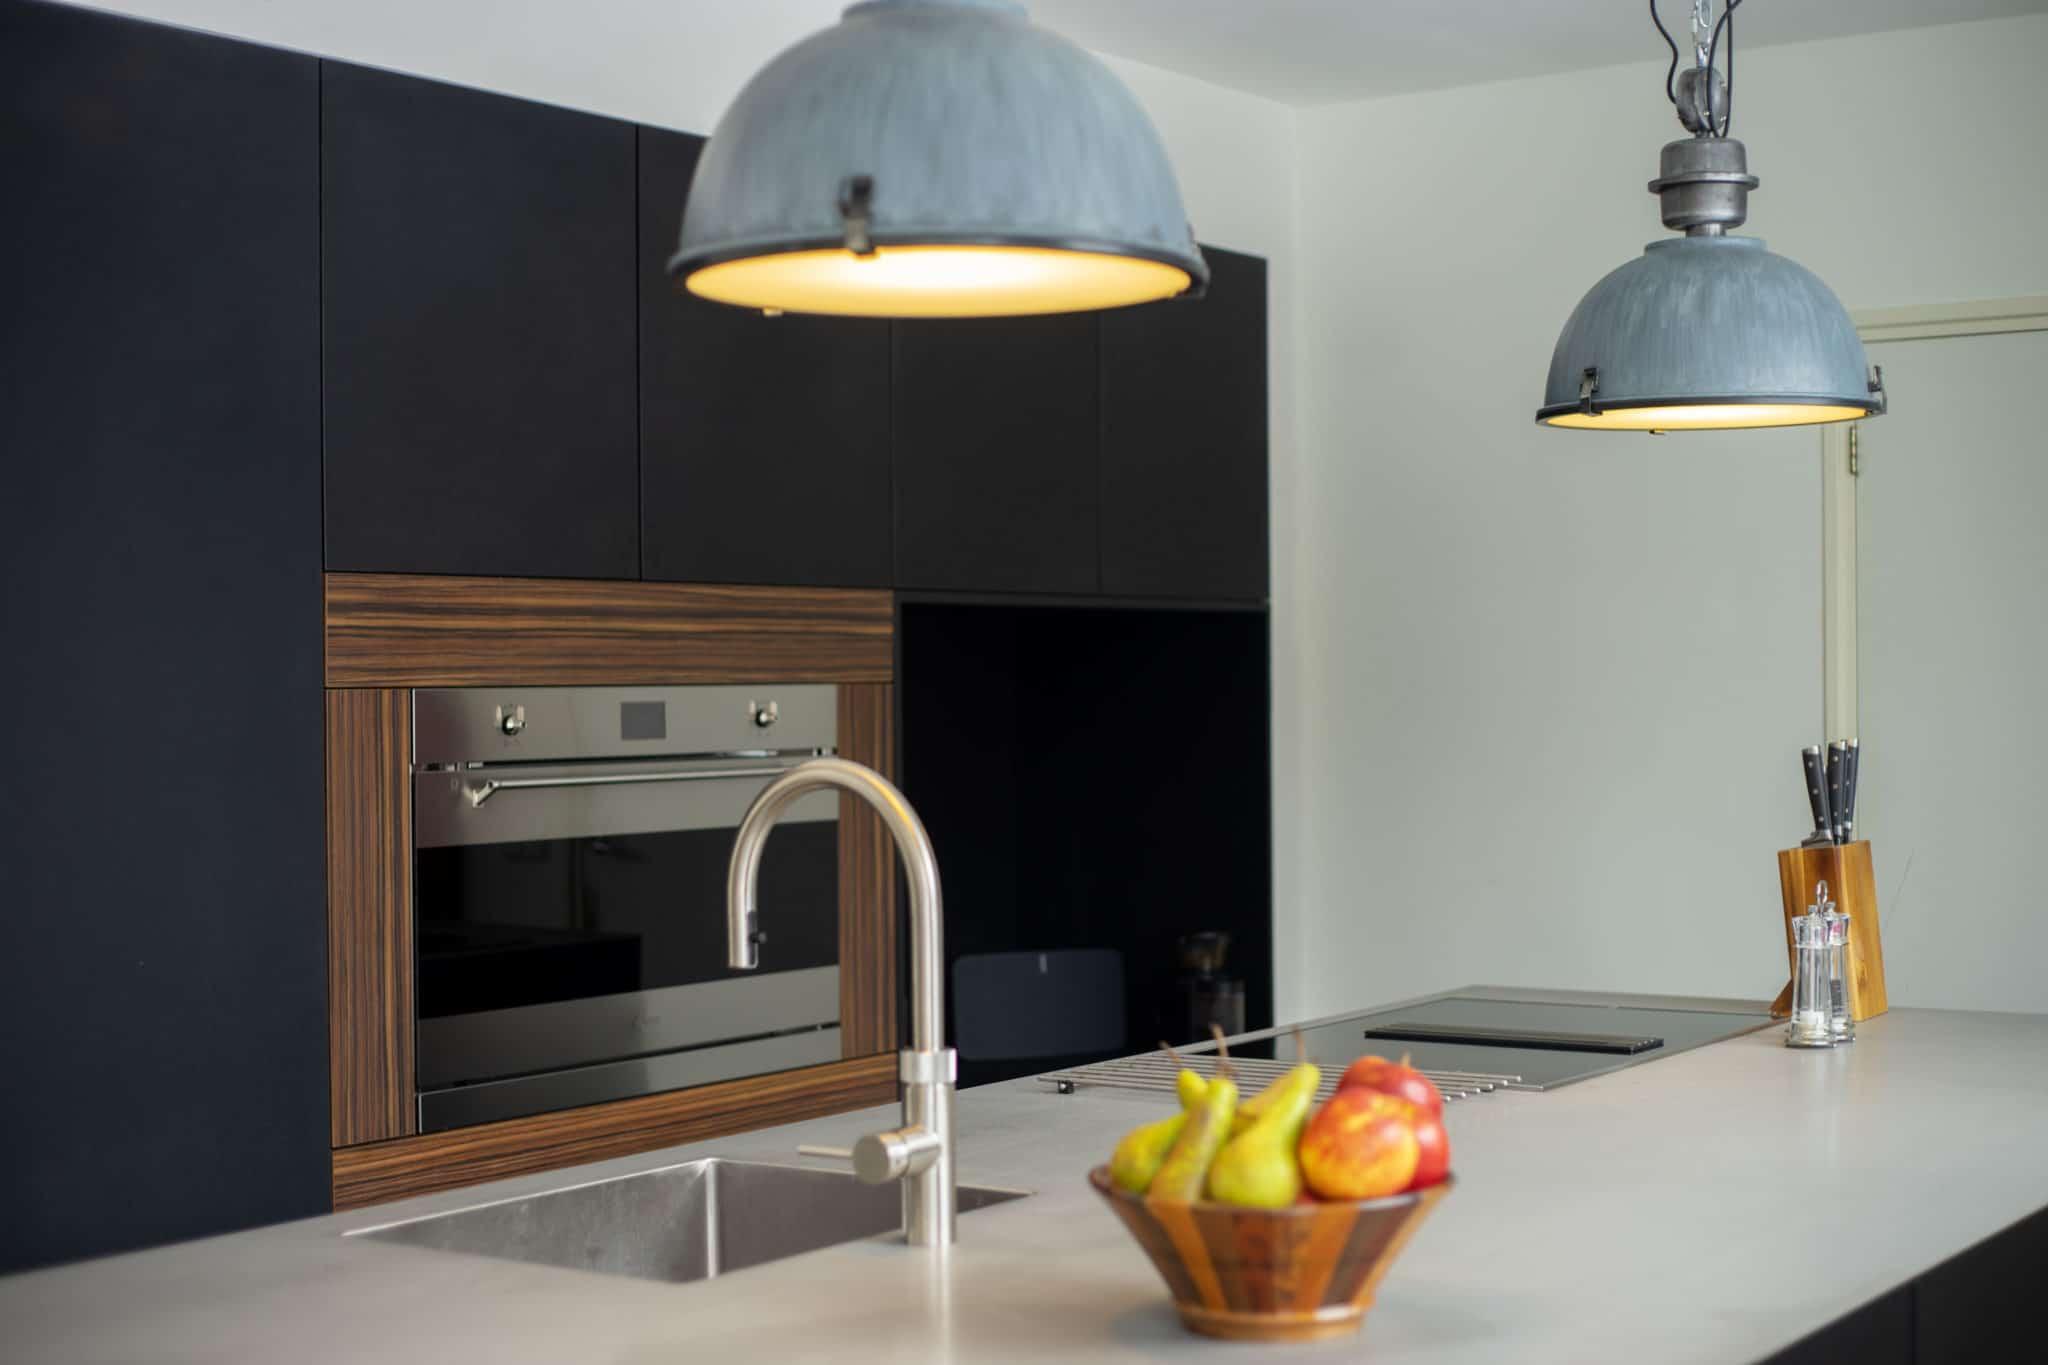 Donkere moderne design keuken gebr. smits eindhoven veldhoven